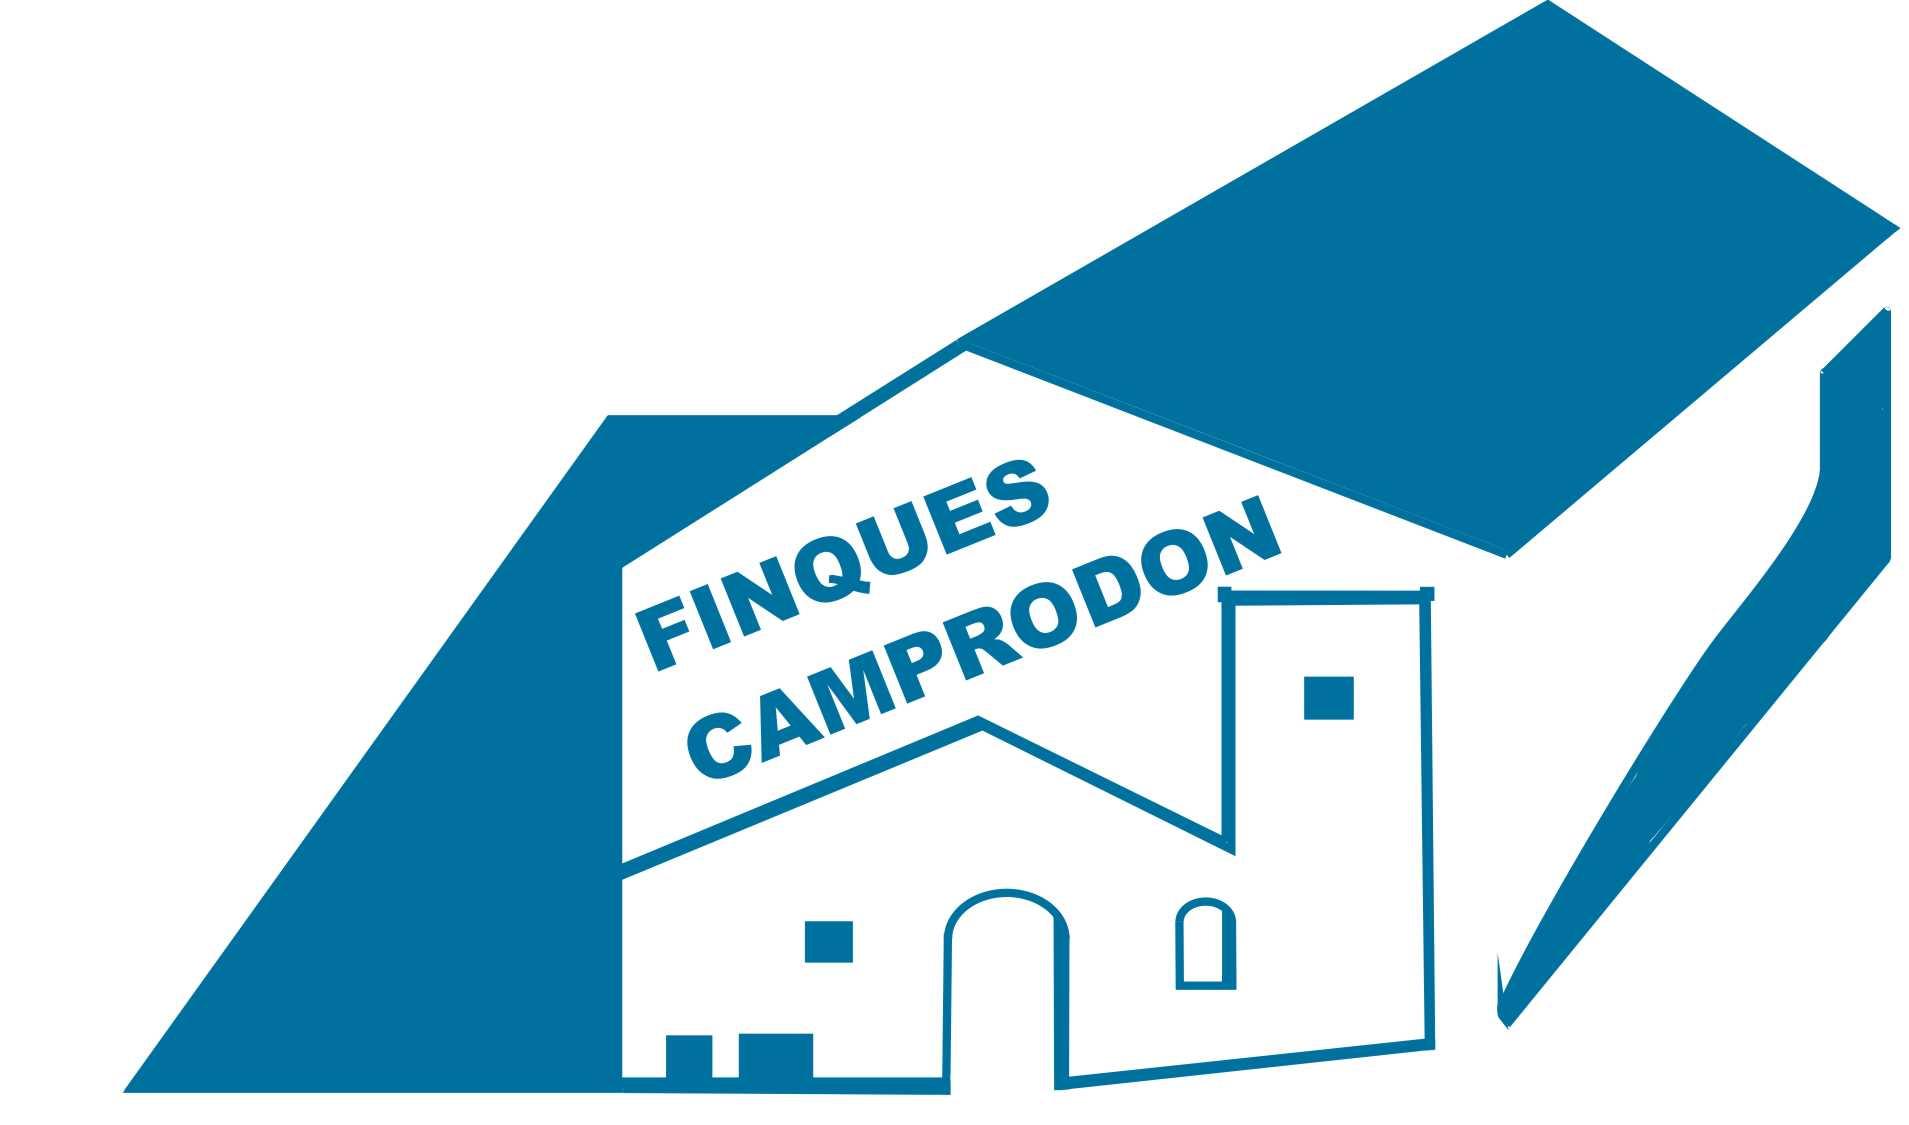 Finques Camprodon